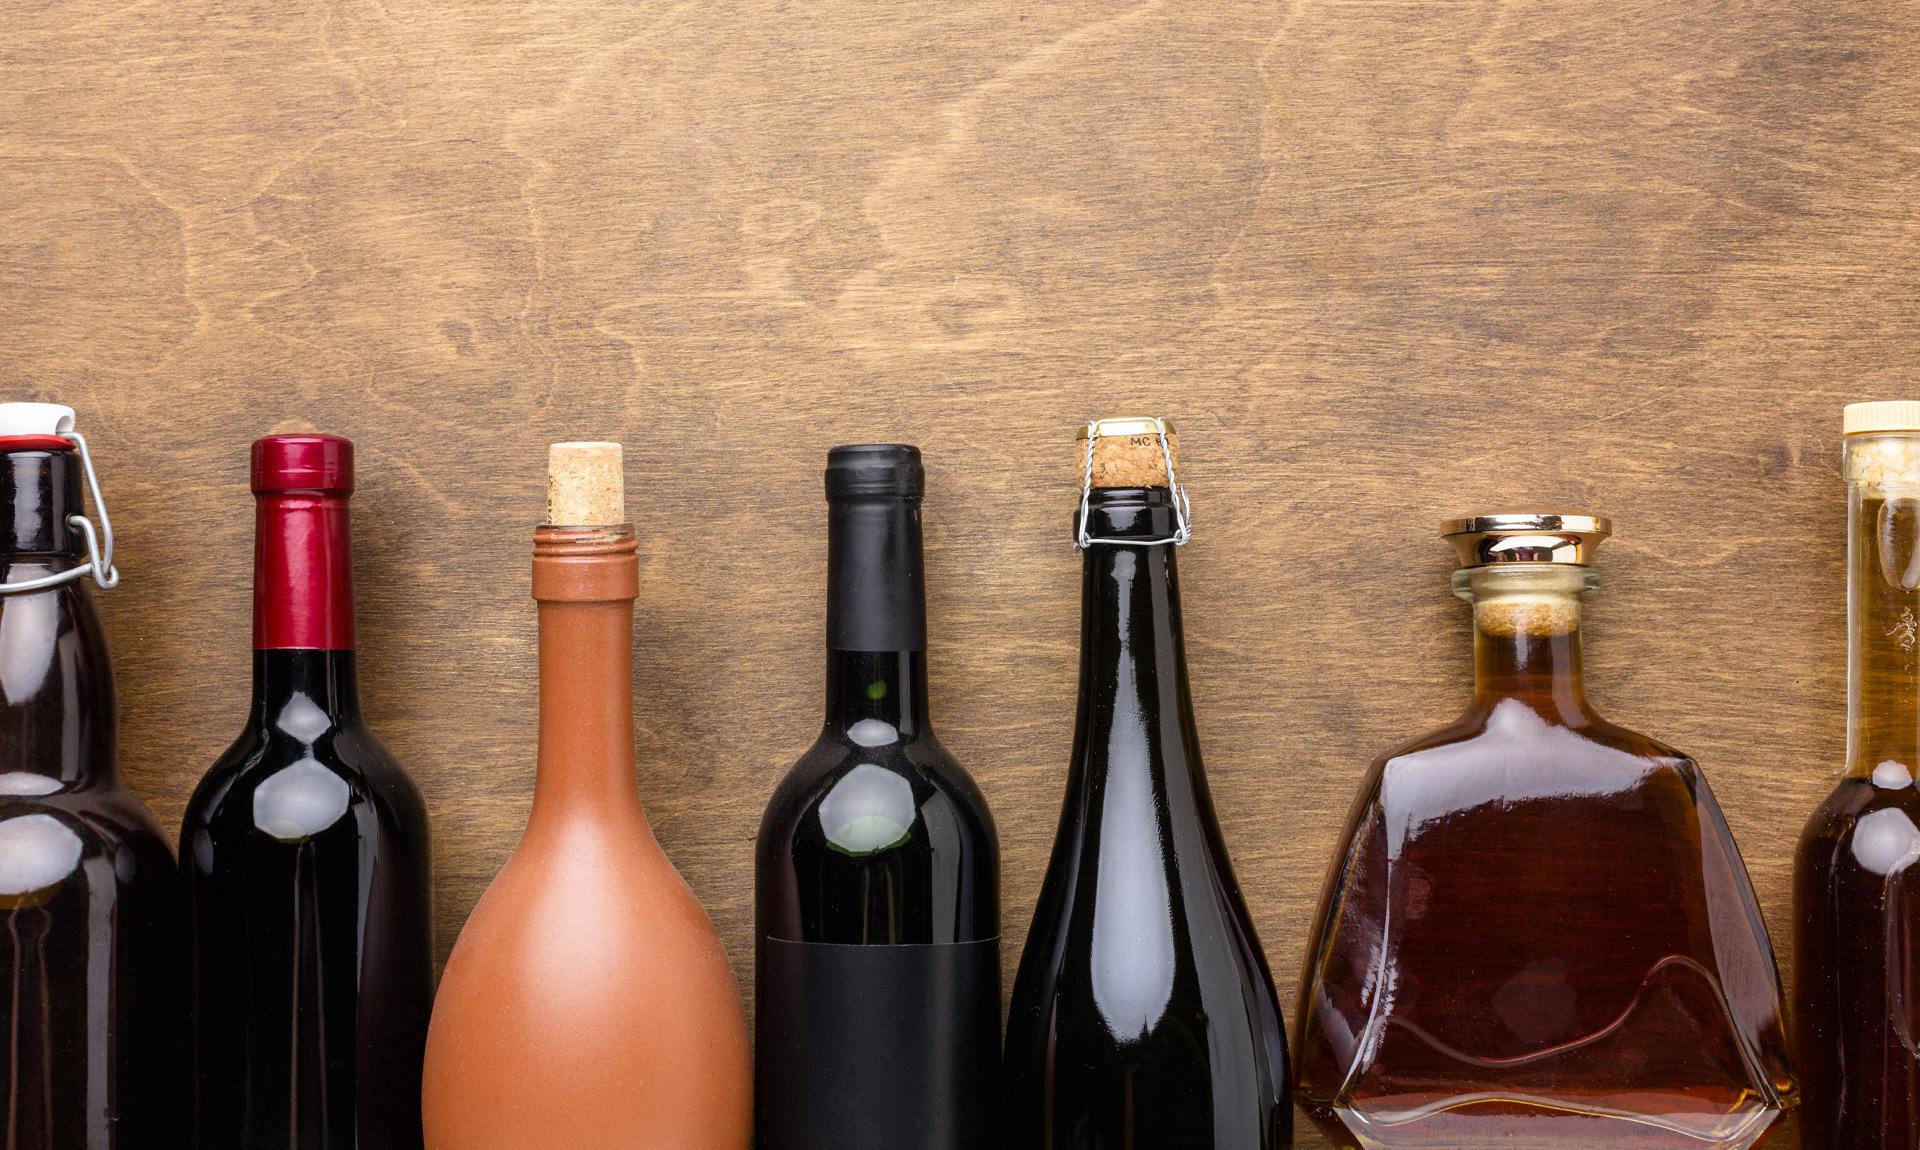 Immagine settore delle bevande: alcune bottiglie di vino e liquori